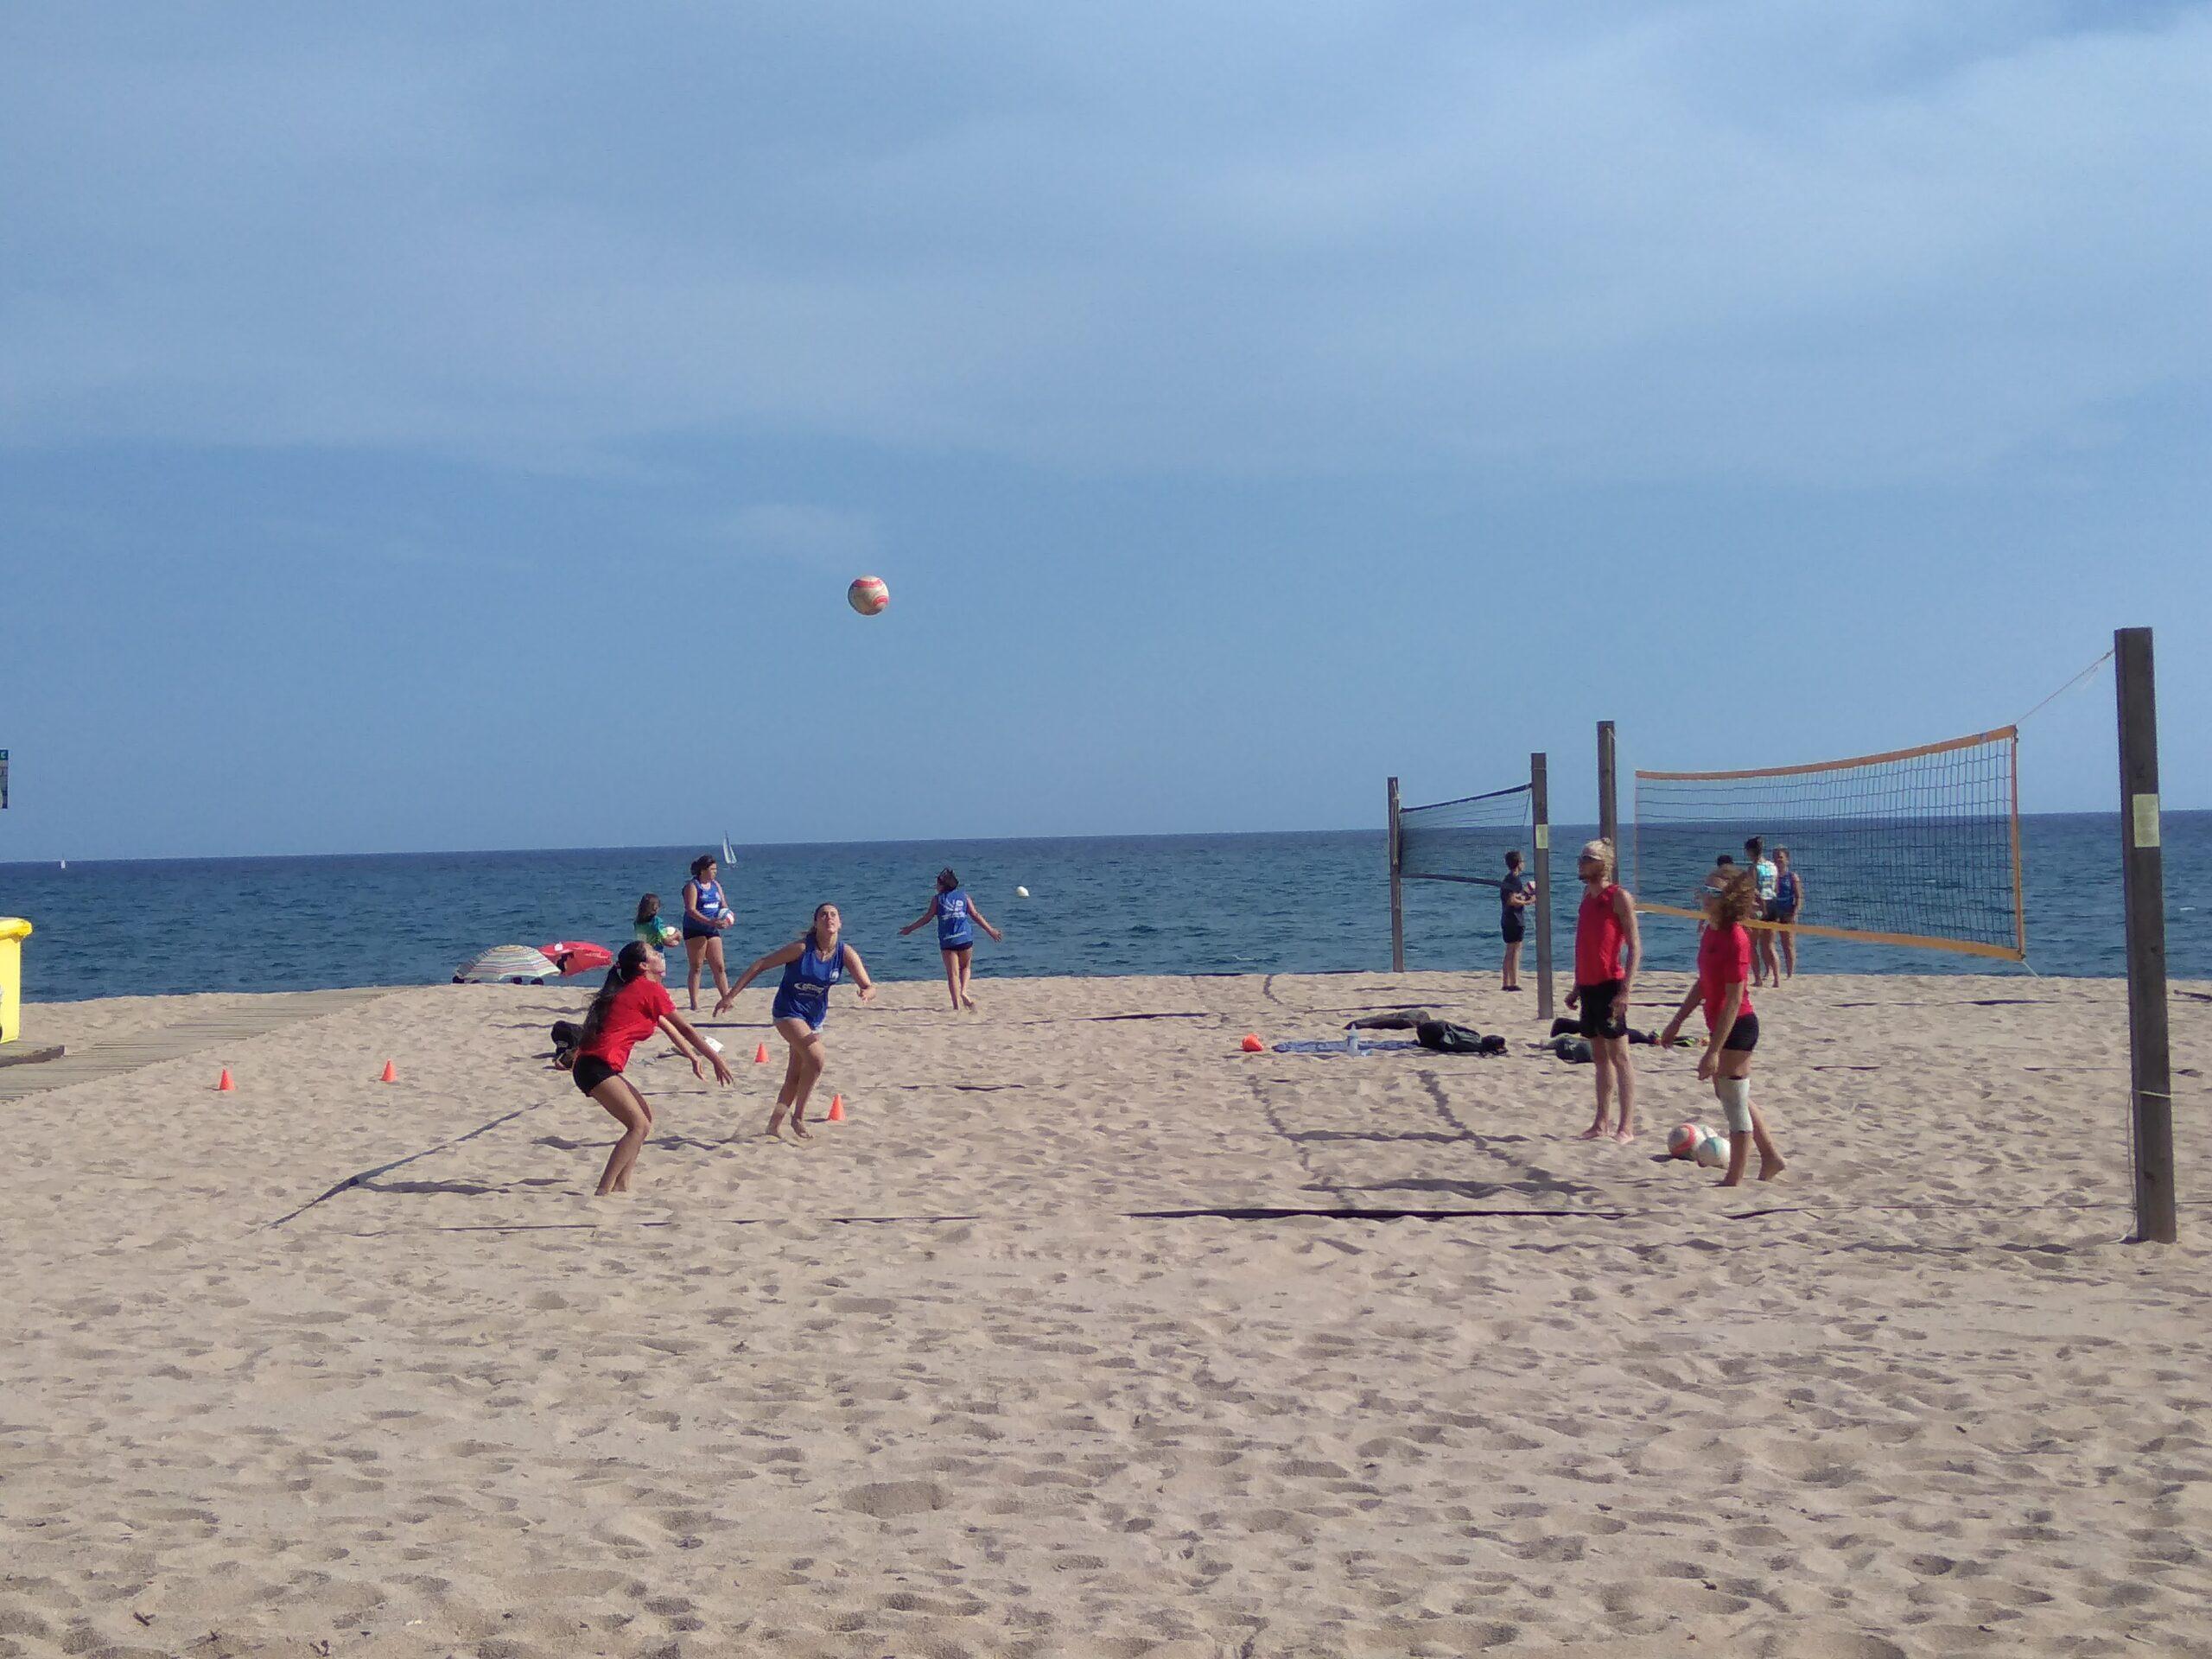 Volleyballer am Strand vor dem Meer in Caldetas